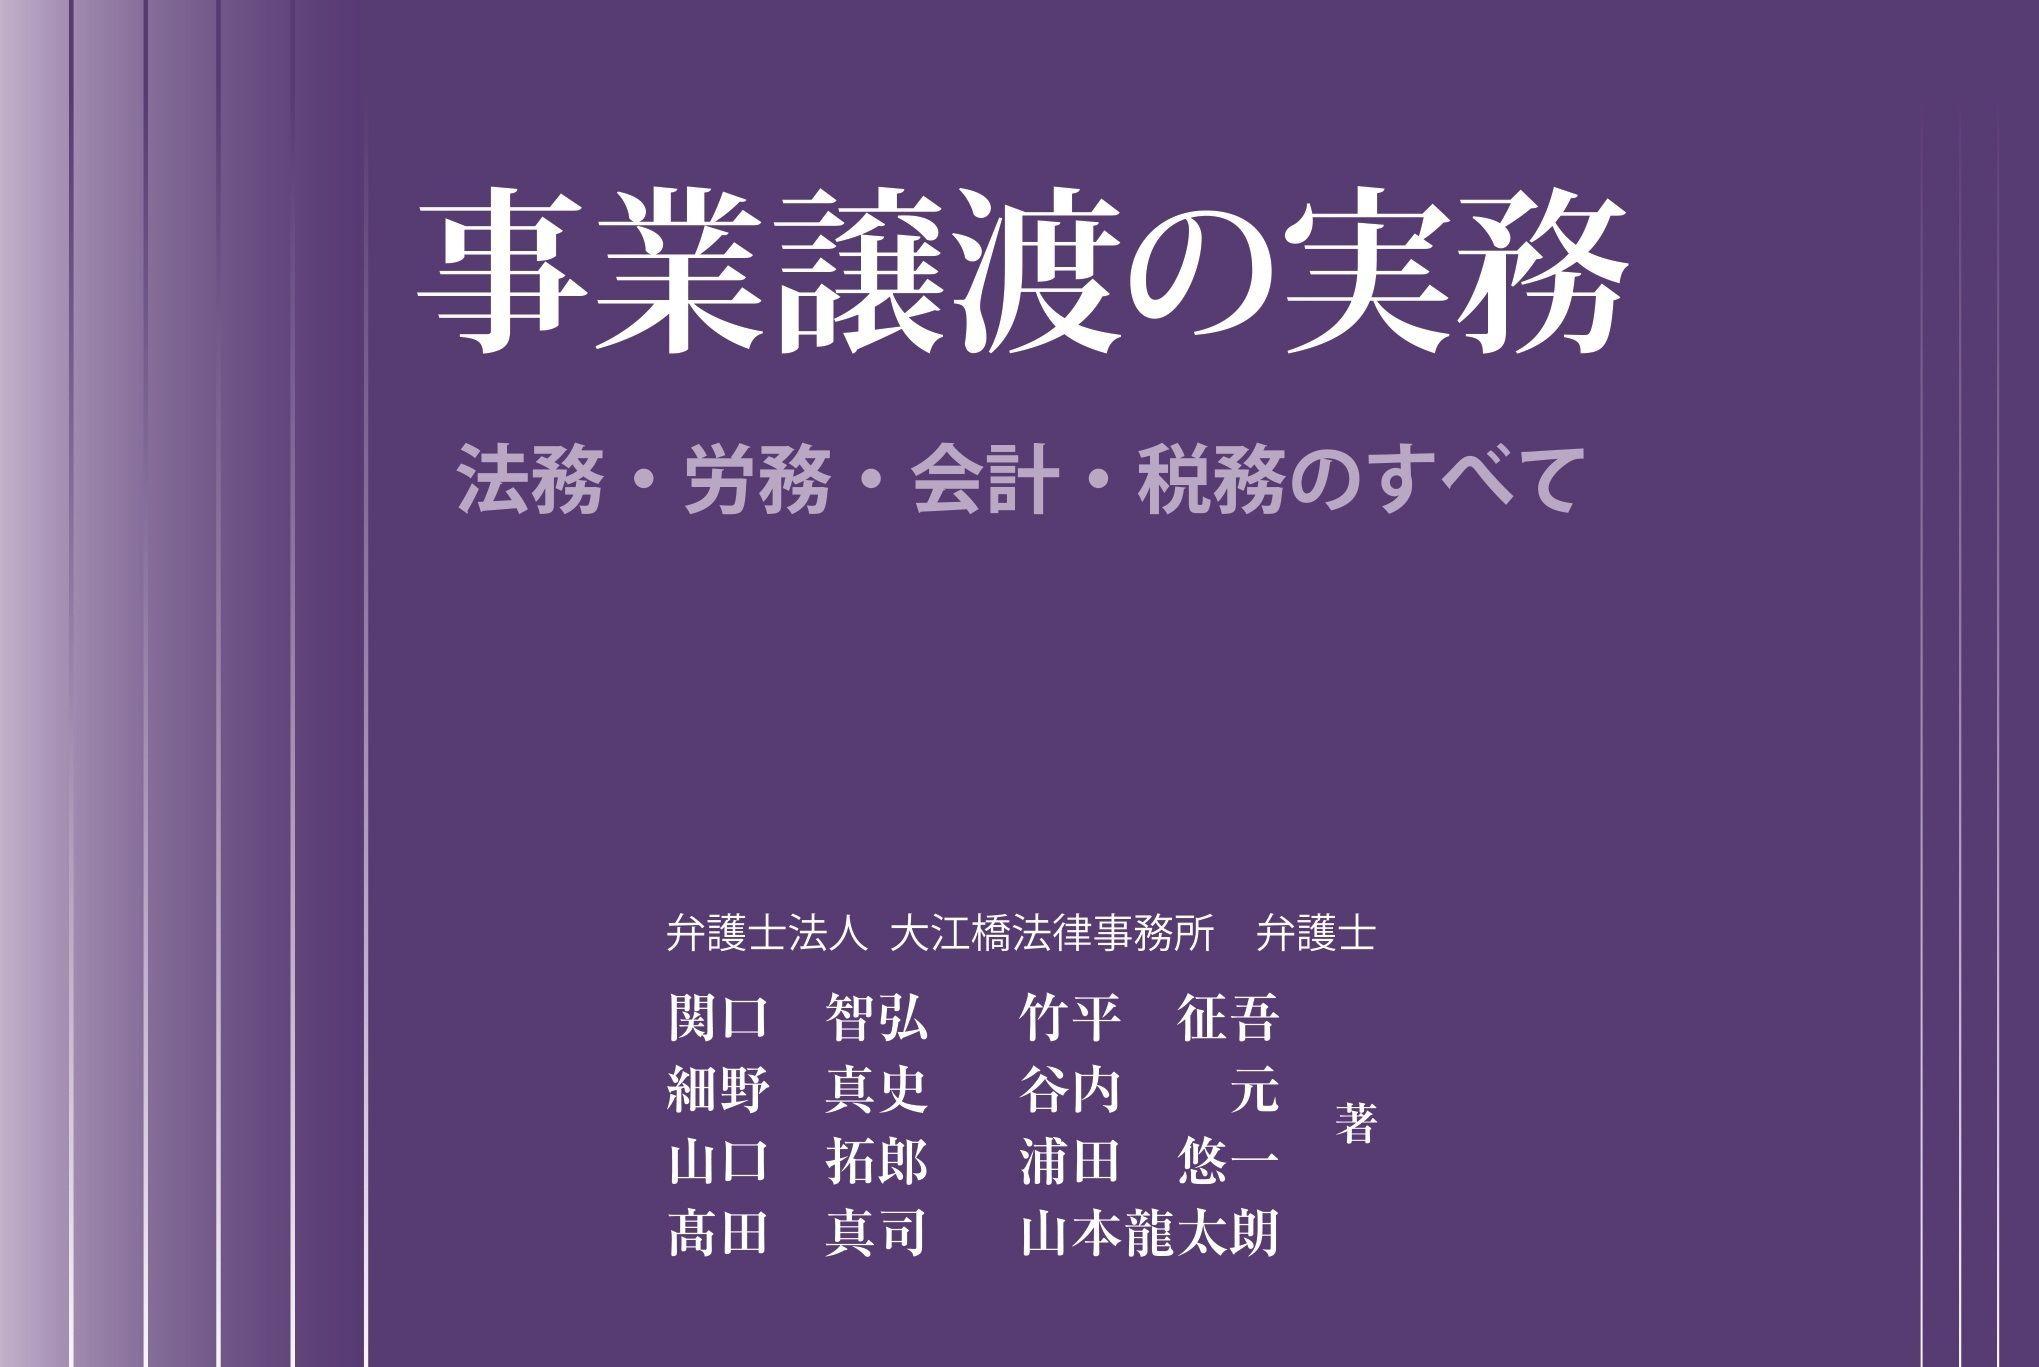 「事業譲渡」の実務書を発行 大江橋法律事務所